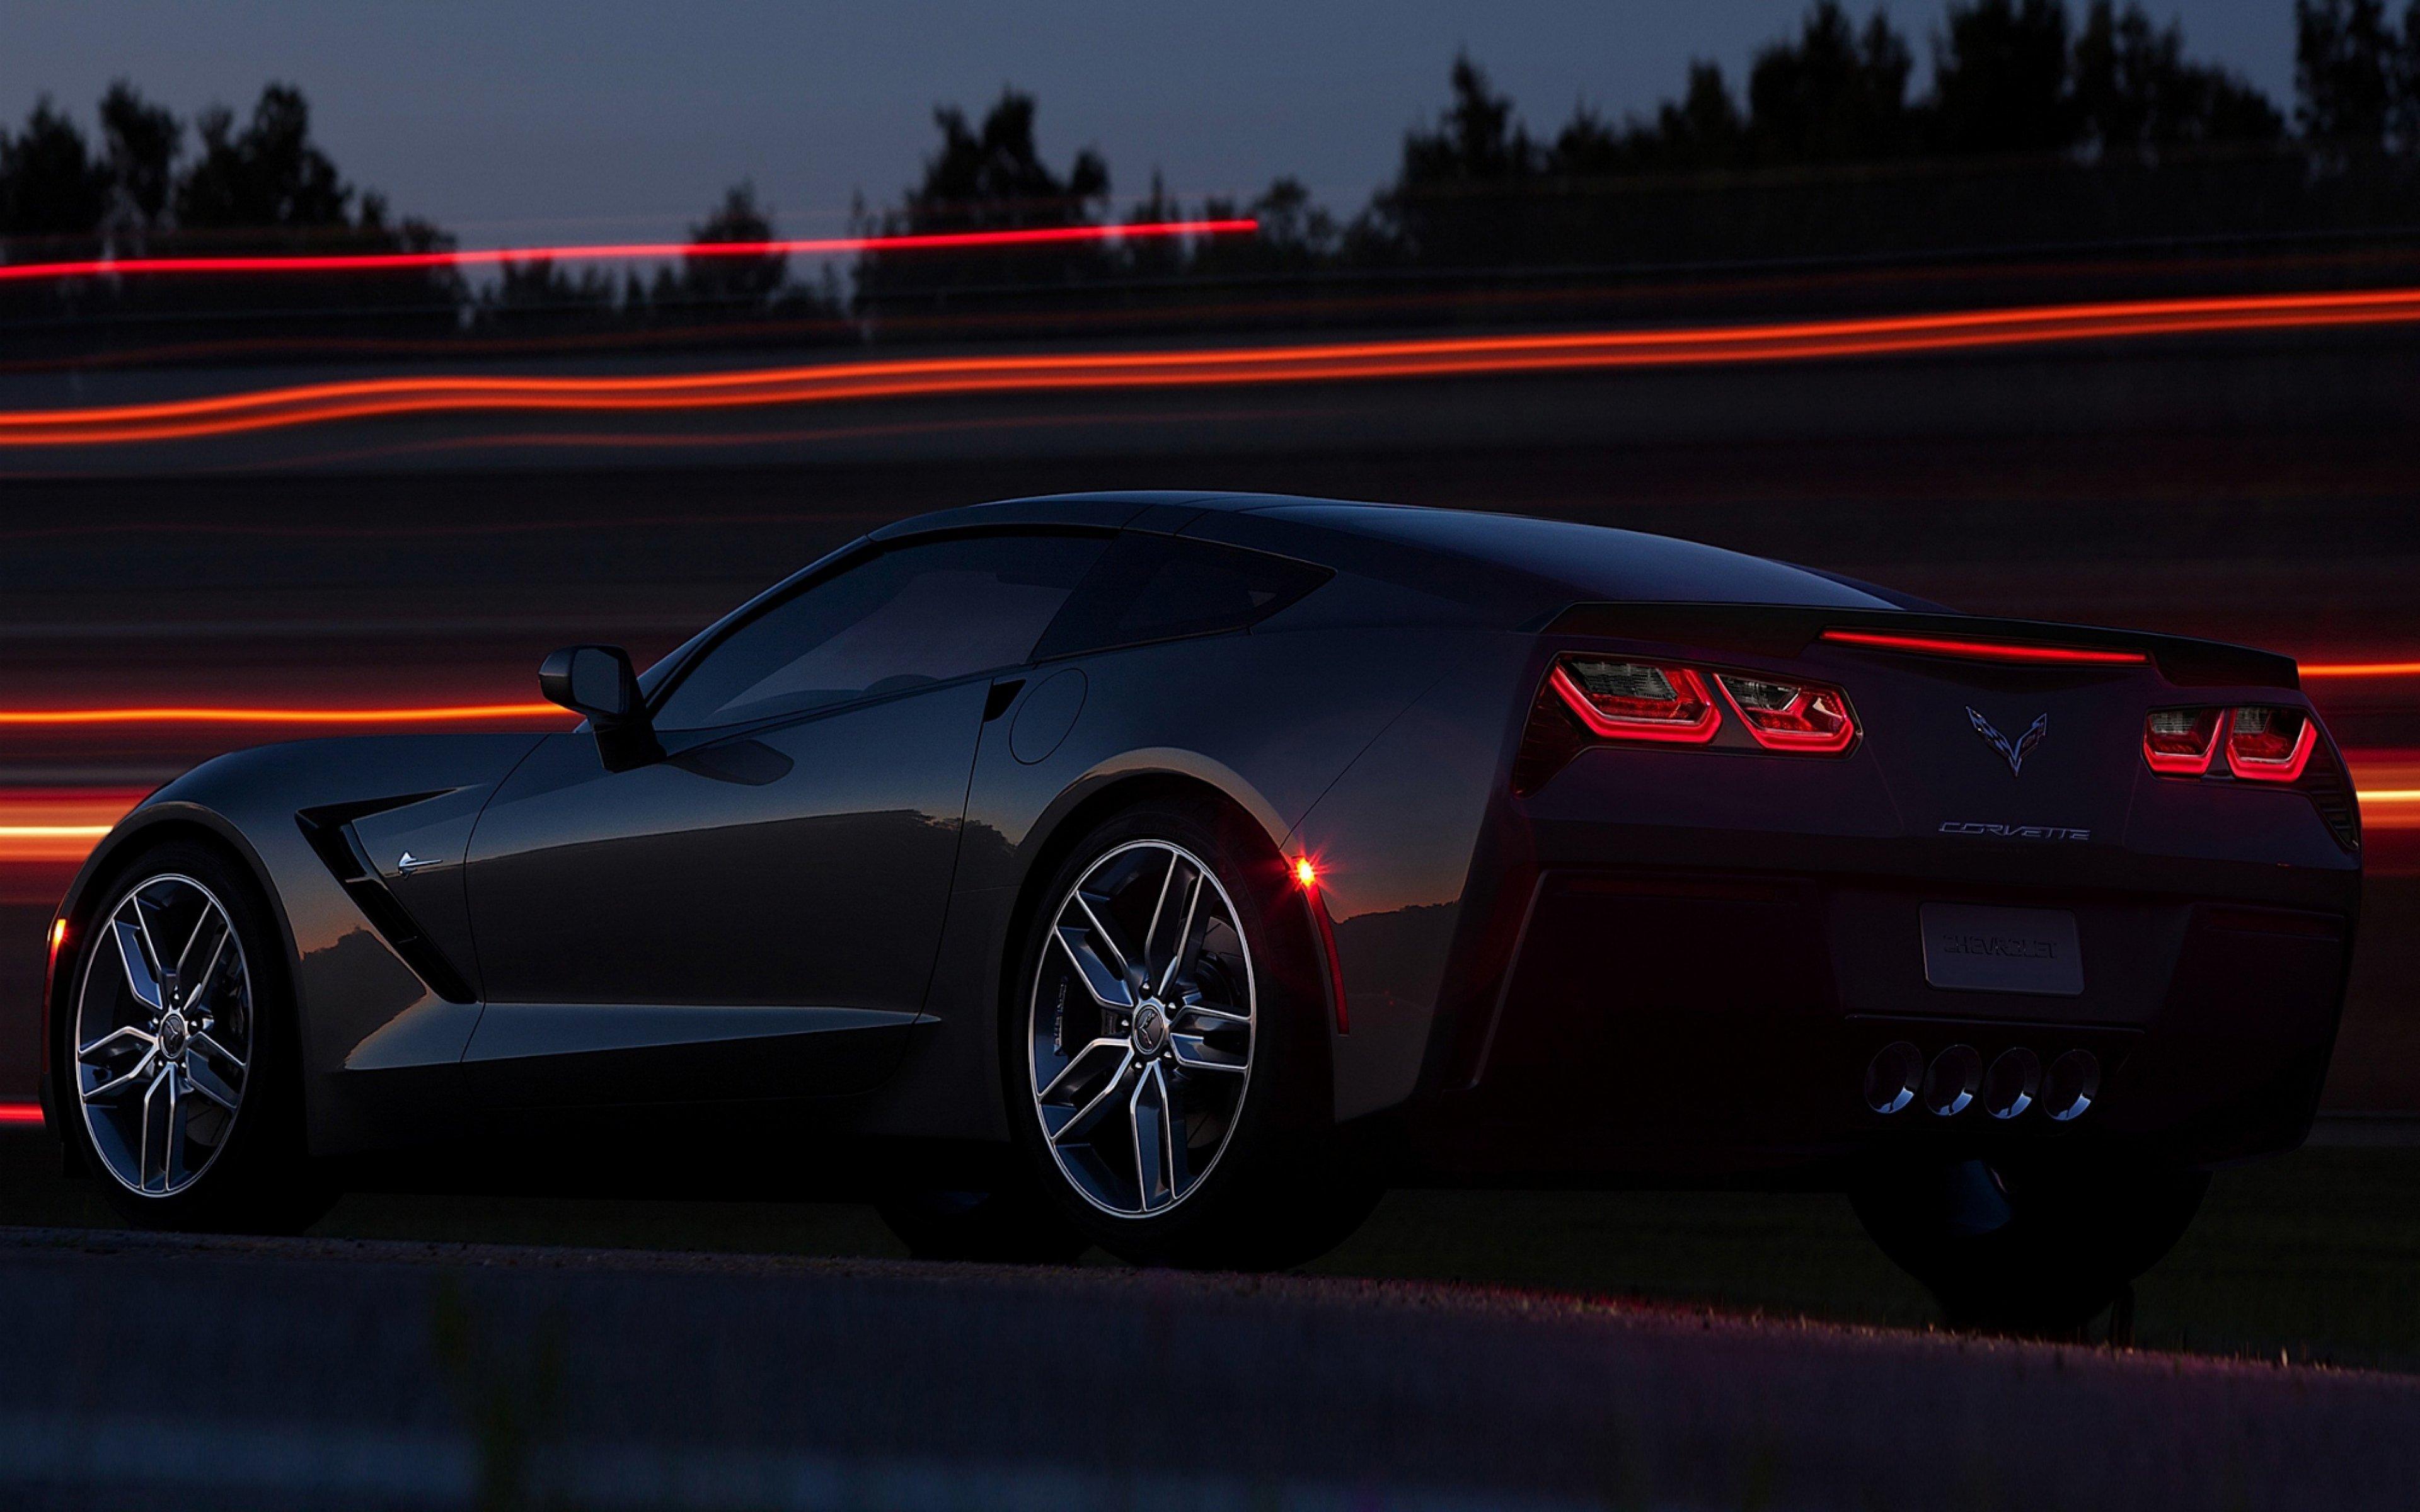 4k Corvette Wallpaper Wallpapersafari